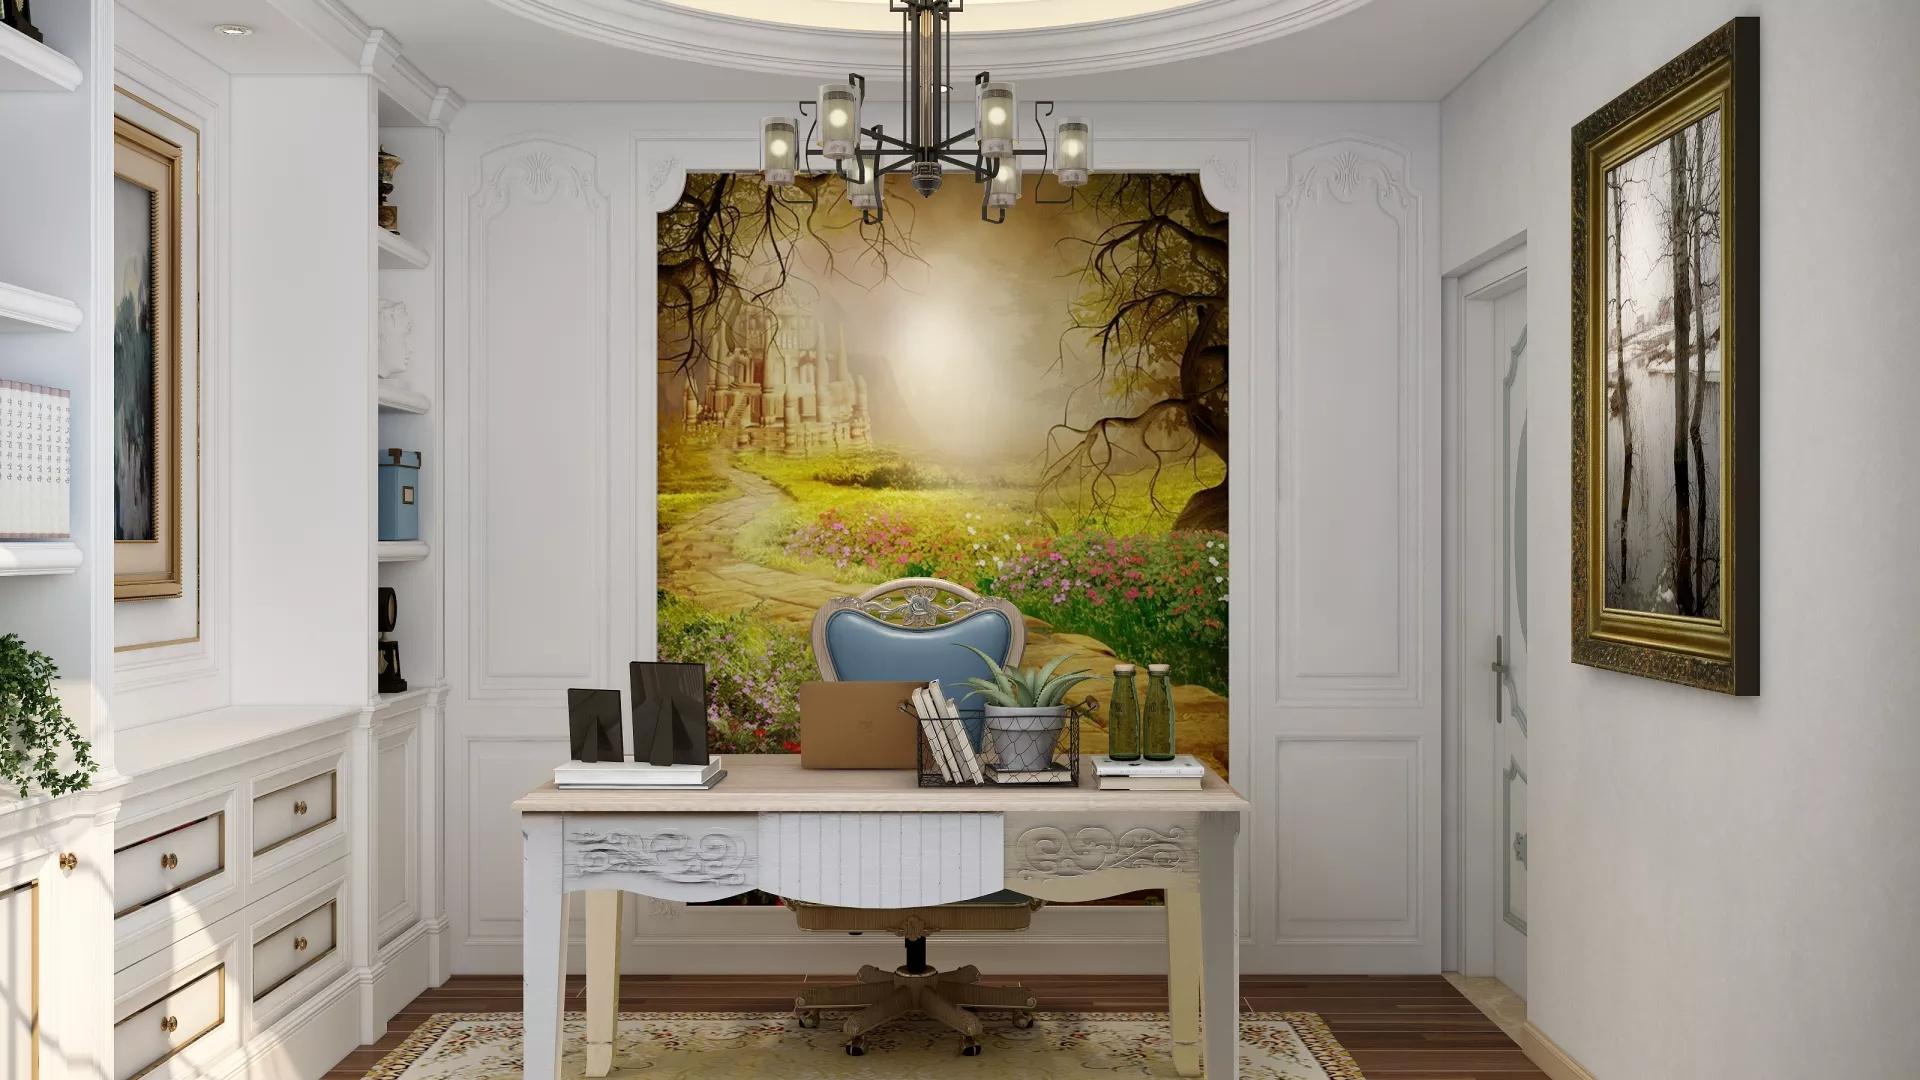 狭长客厅要如何装修 狭长客厅设计方法有哪些